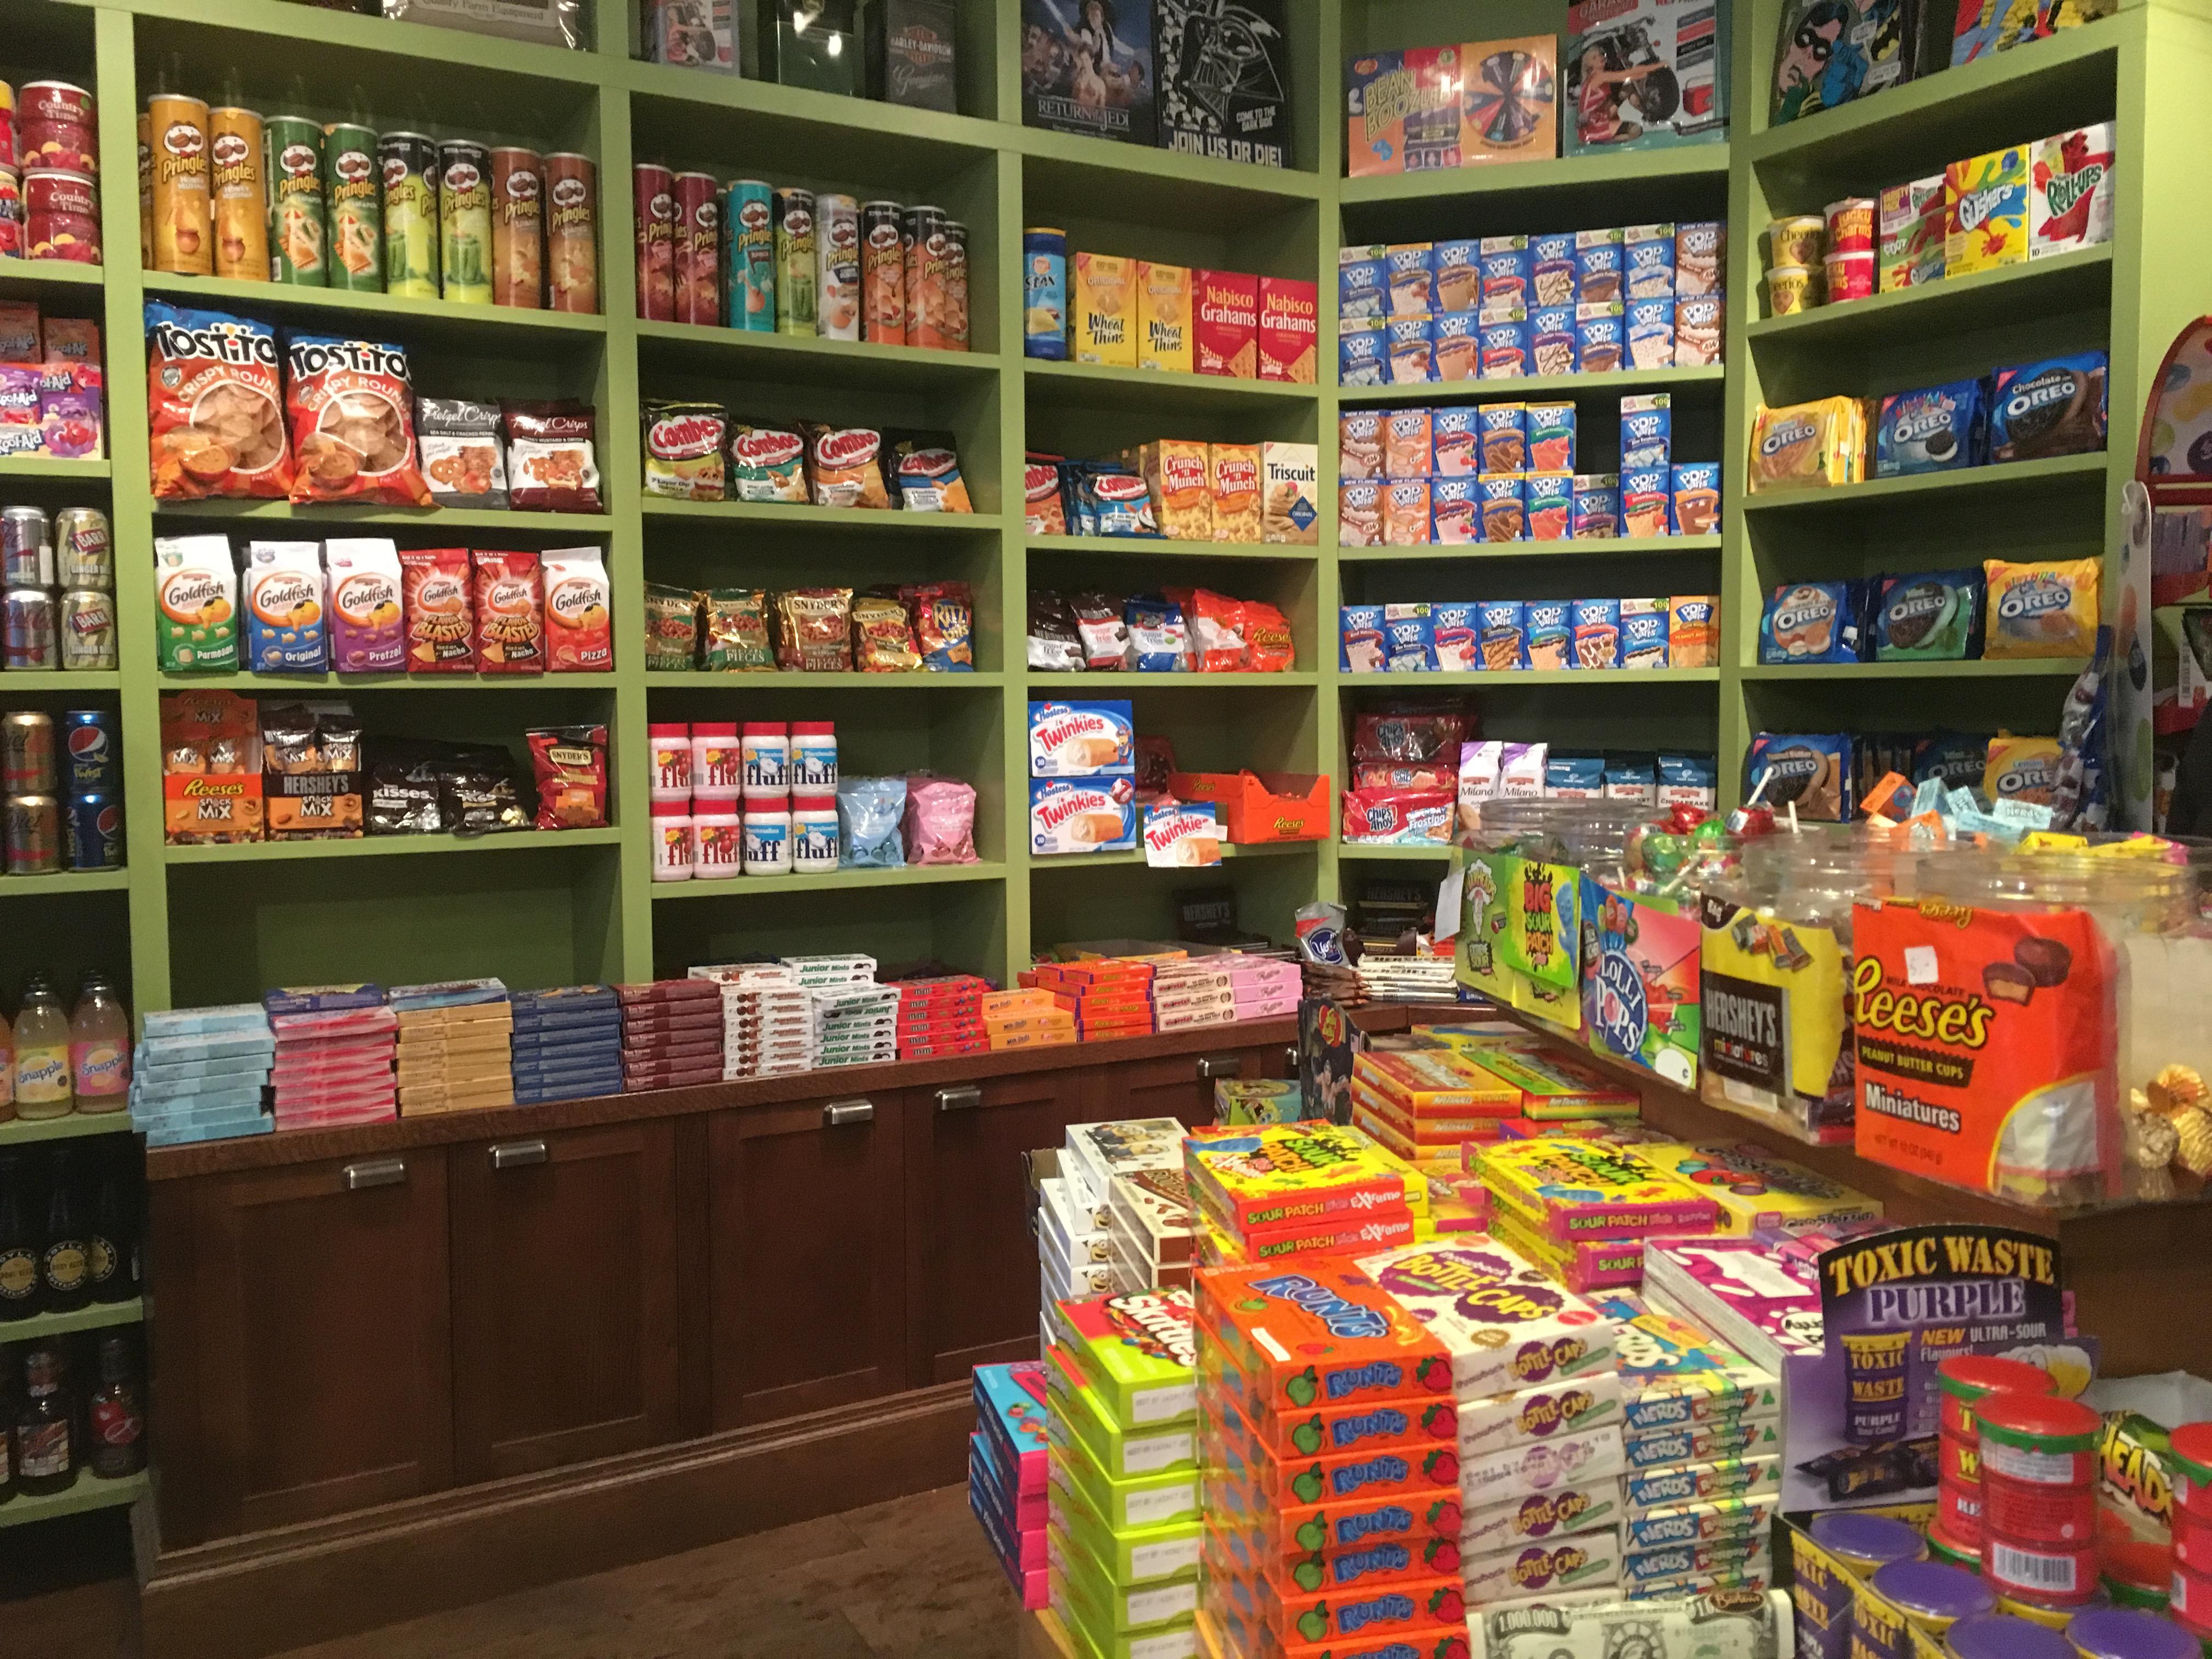 Candies, candies, candies